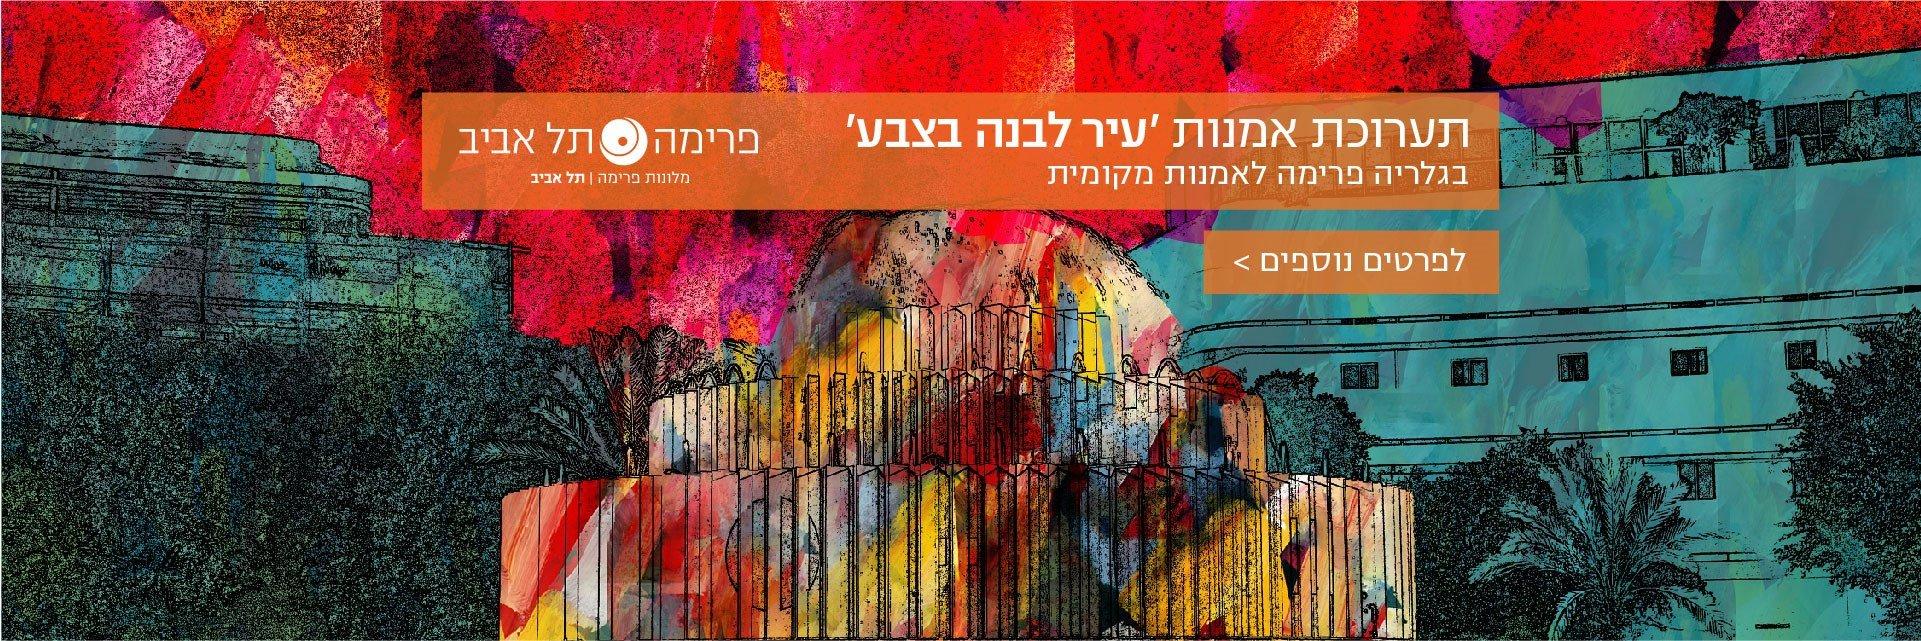 גלריה פרימה תל אביב